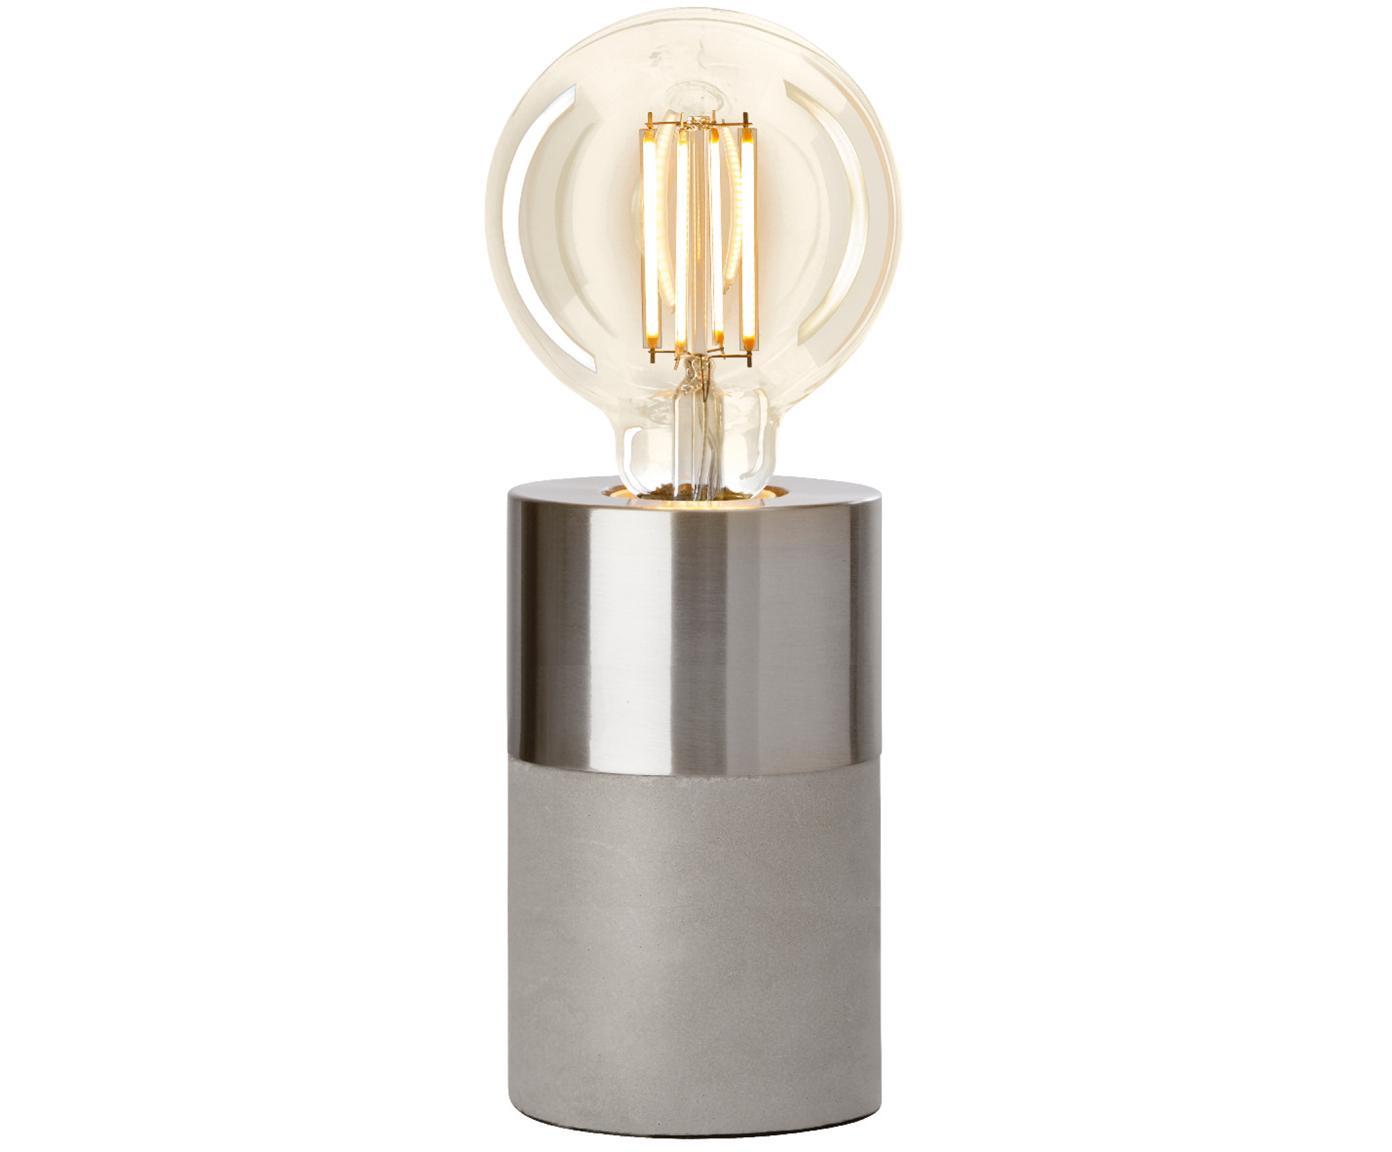 Lámpara de mesa de cemento Athen, Gris, cromo, Ø 8 x Al 14 cm